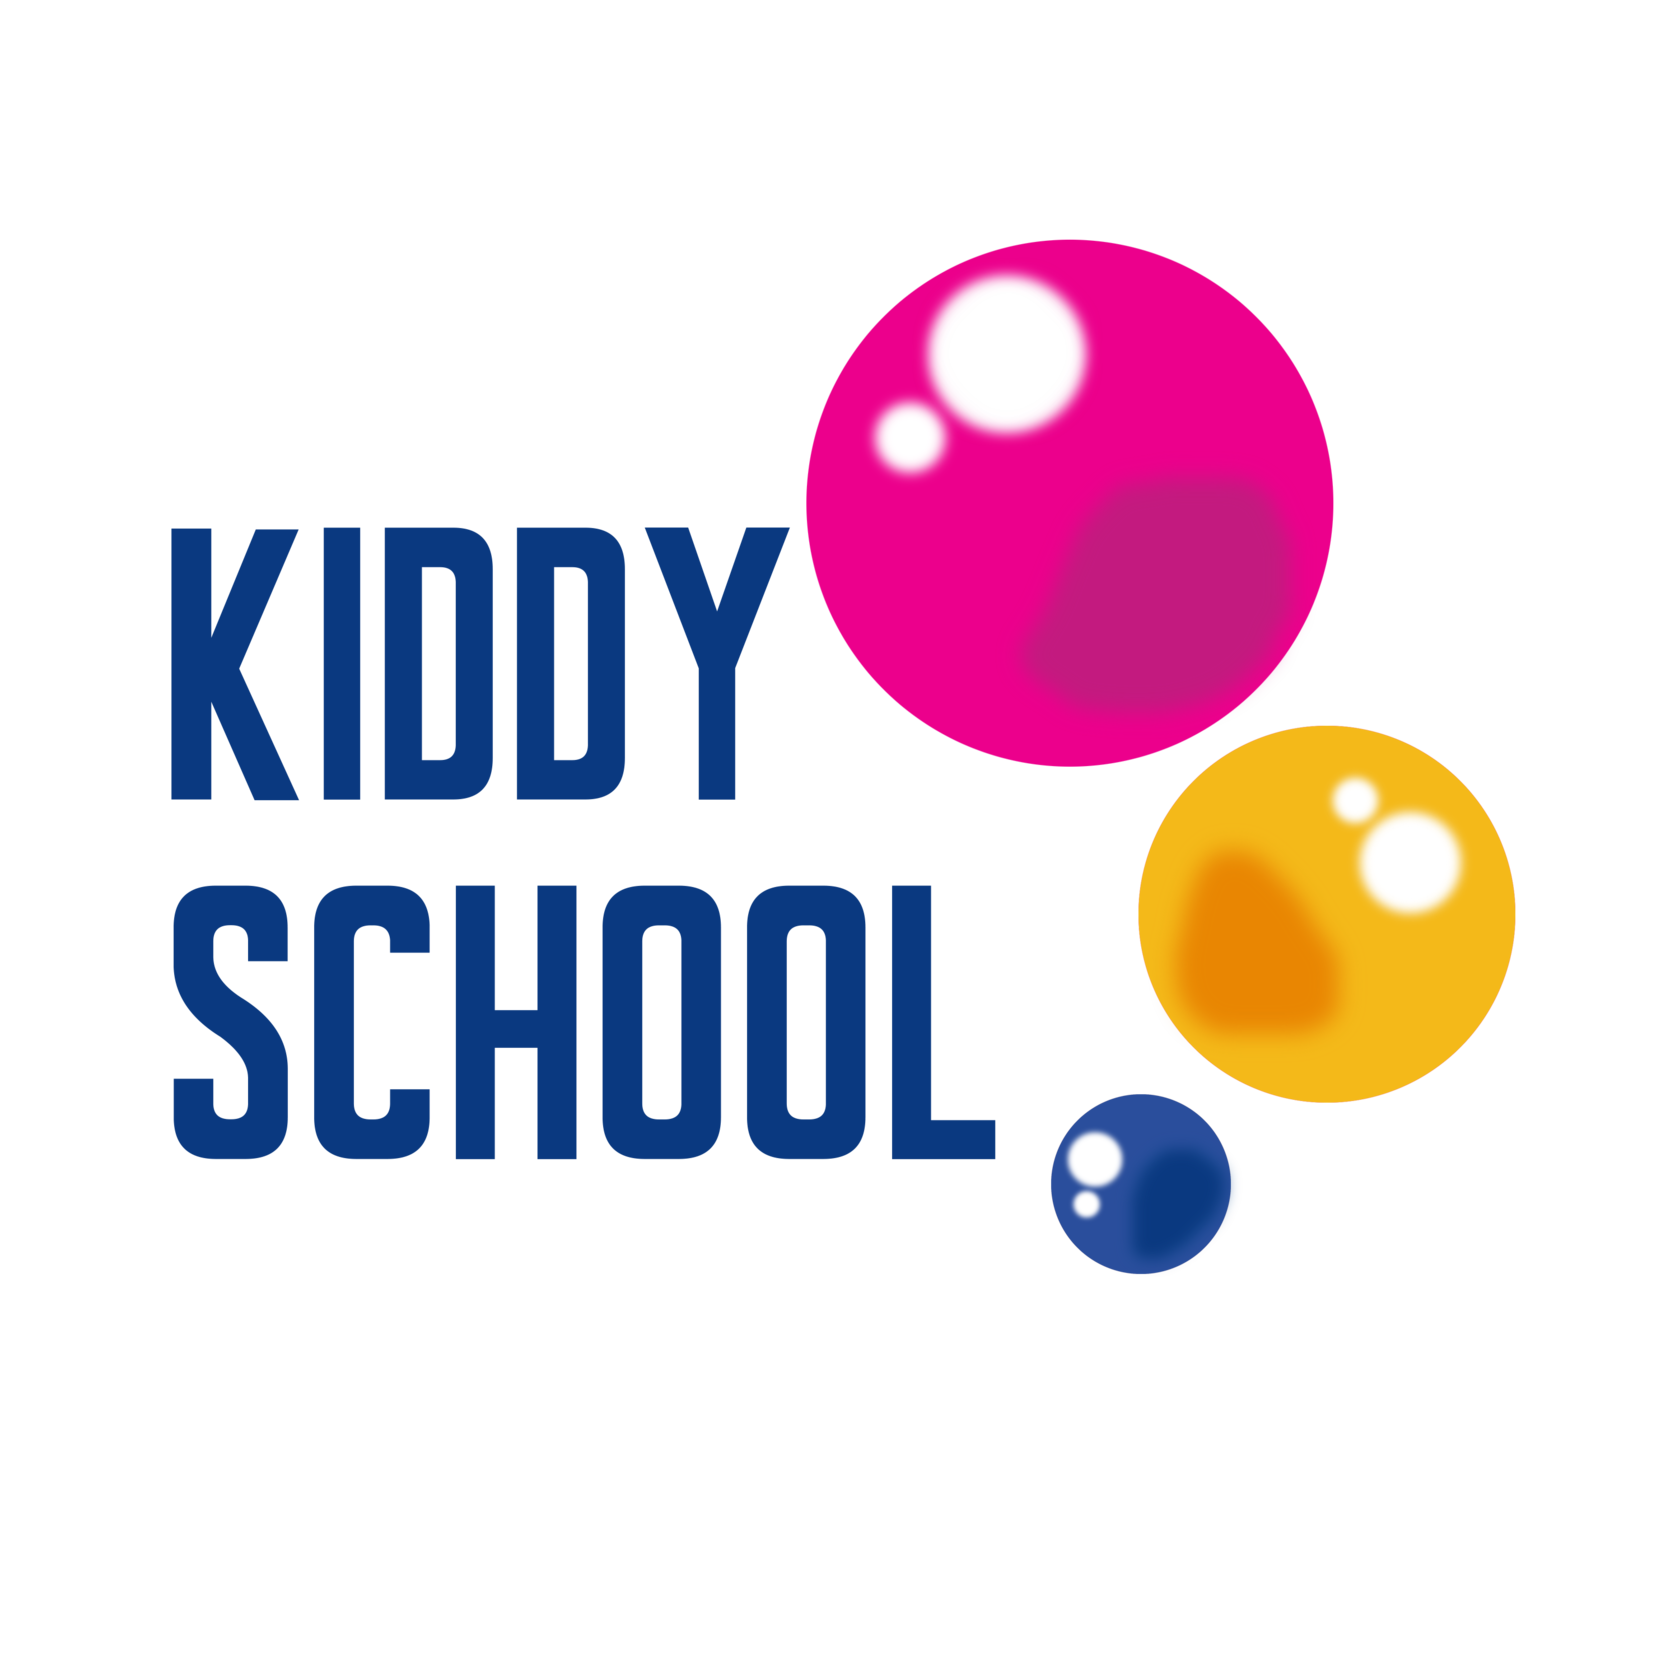 Kiddy School